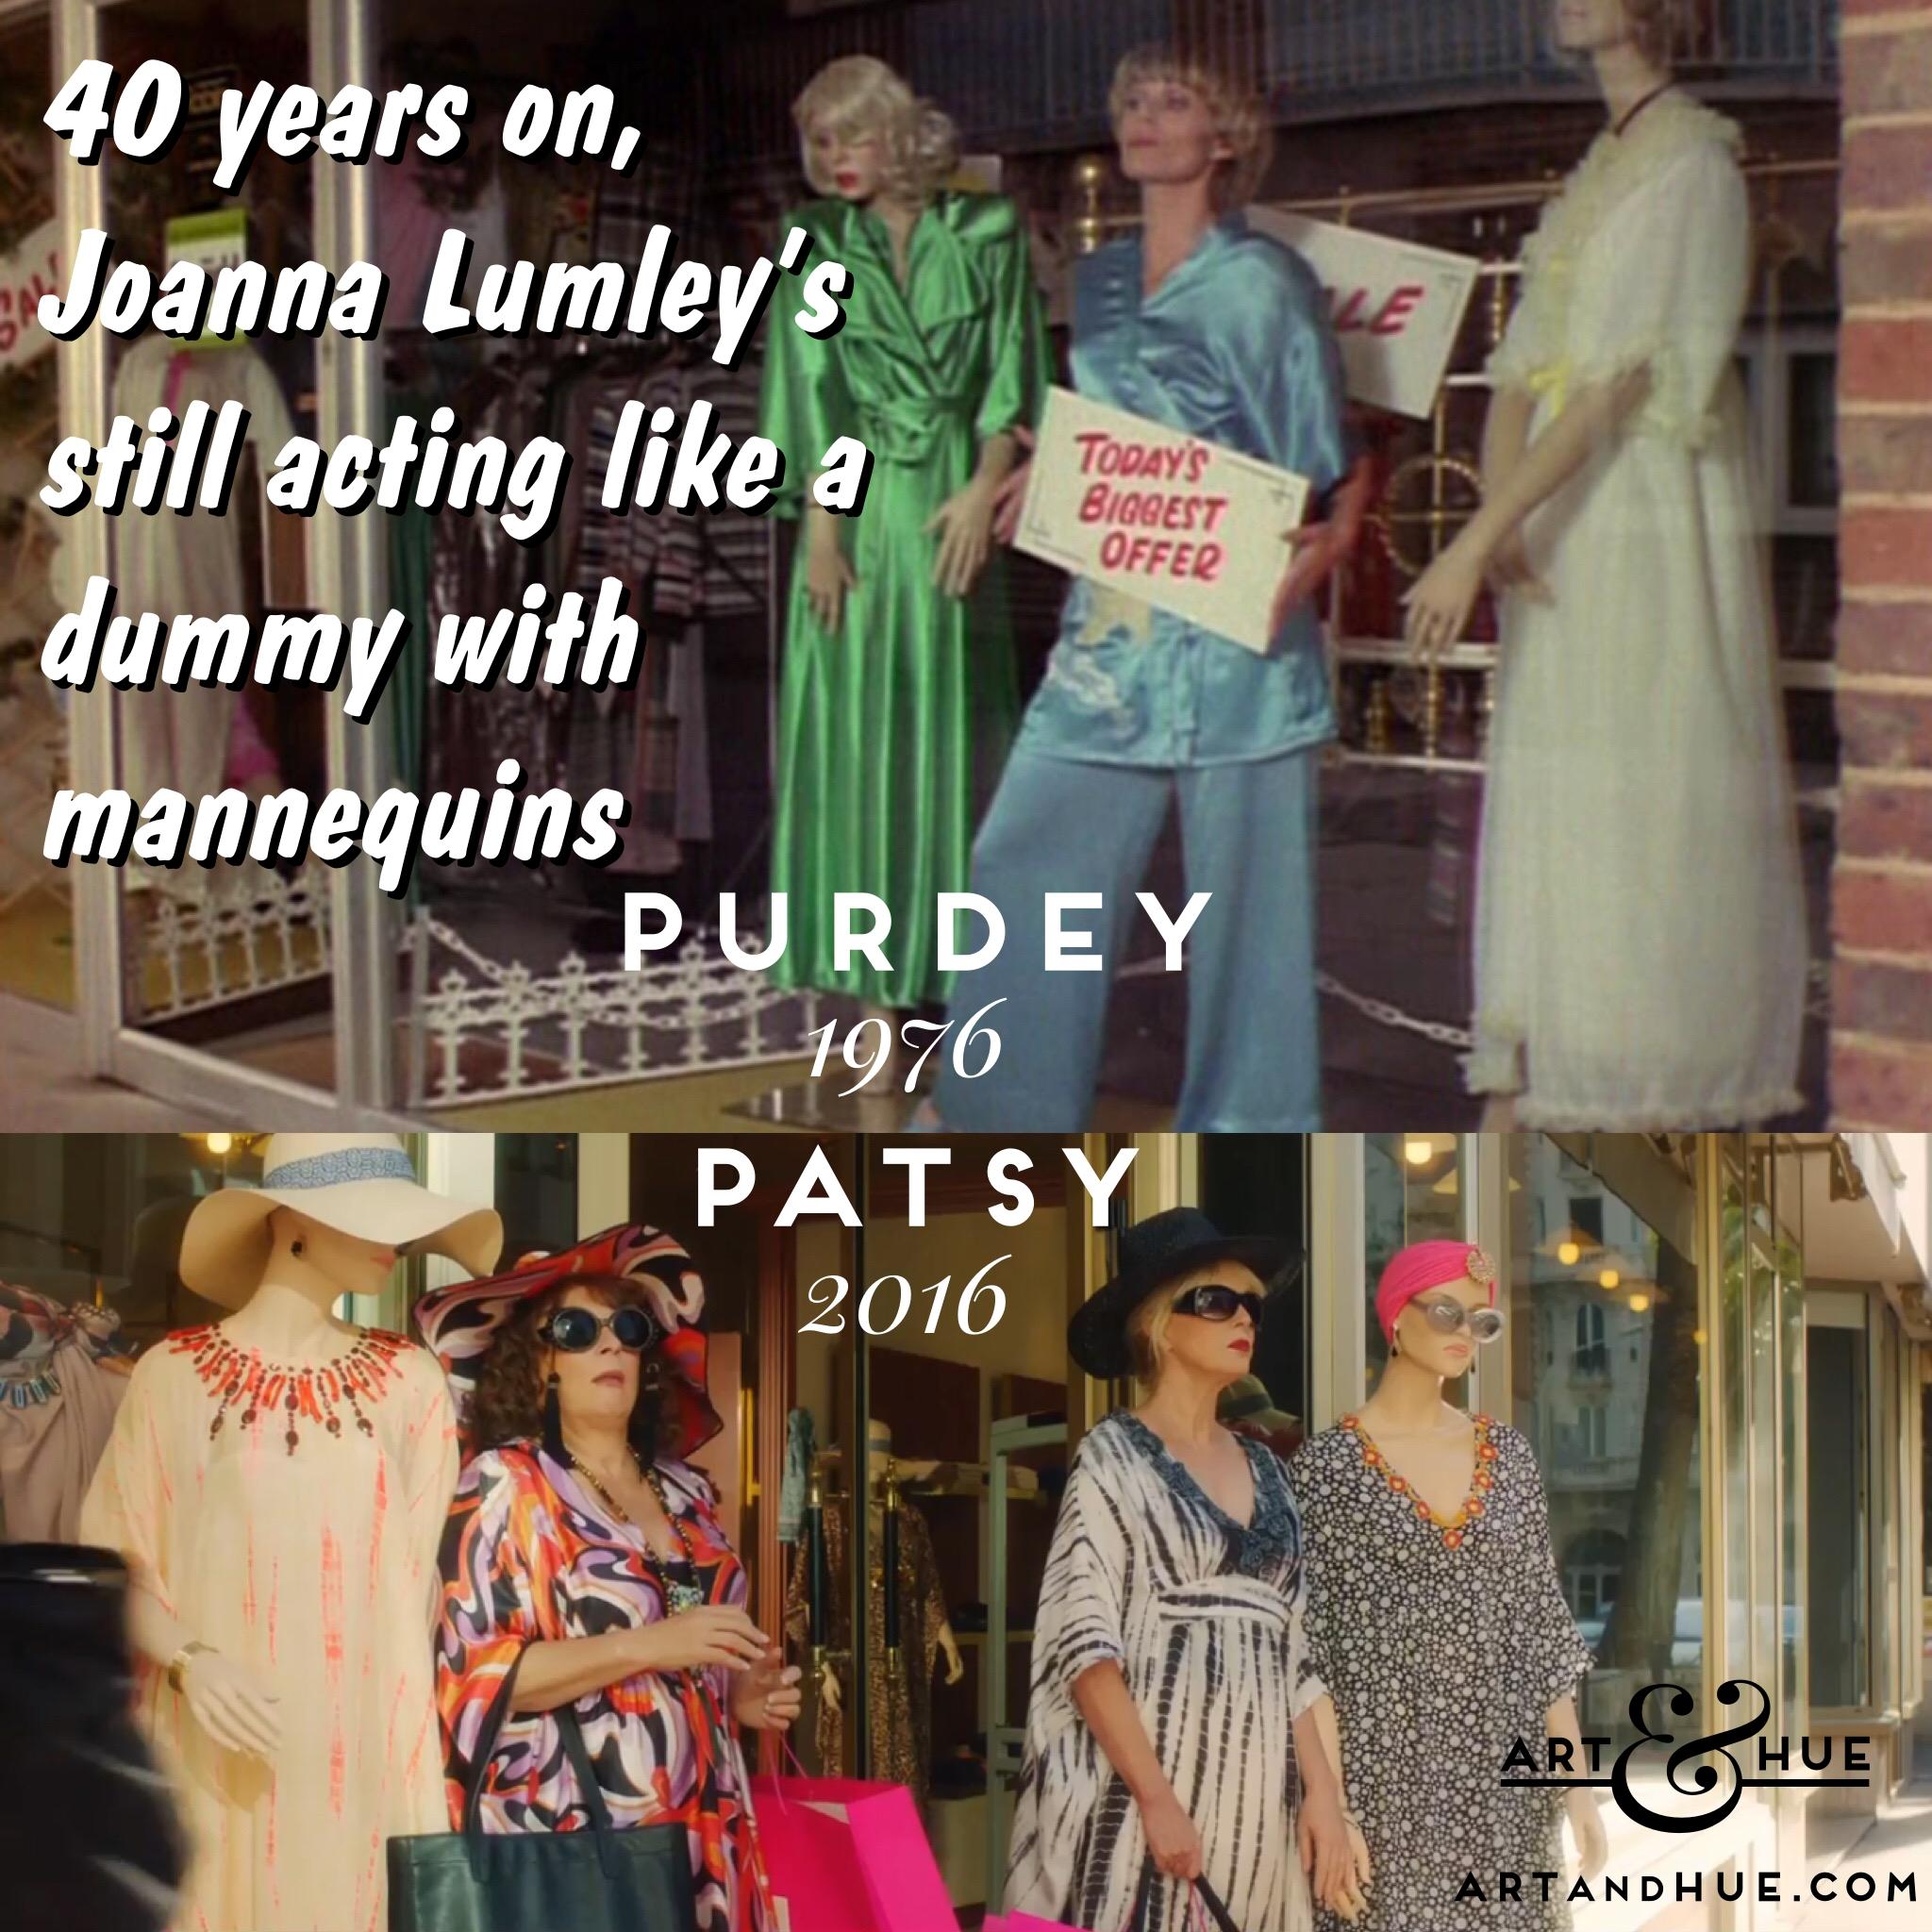 Ab Fab Purdey Patsy